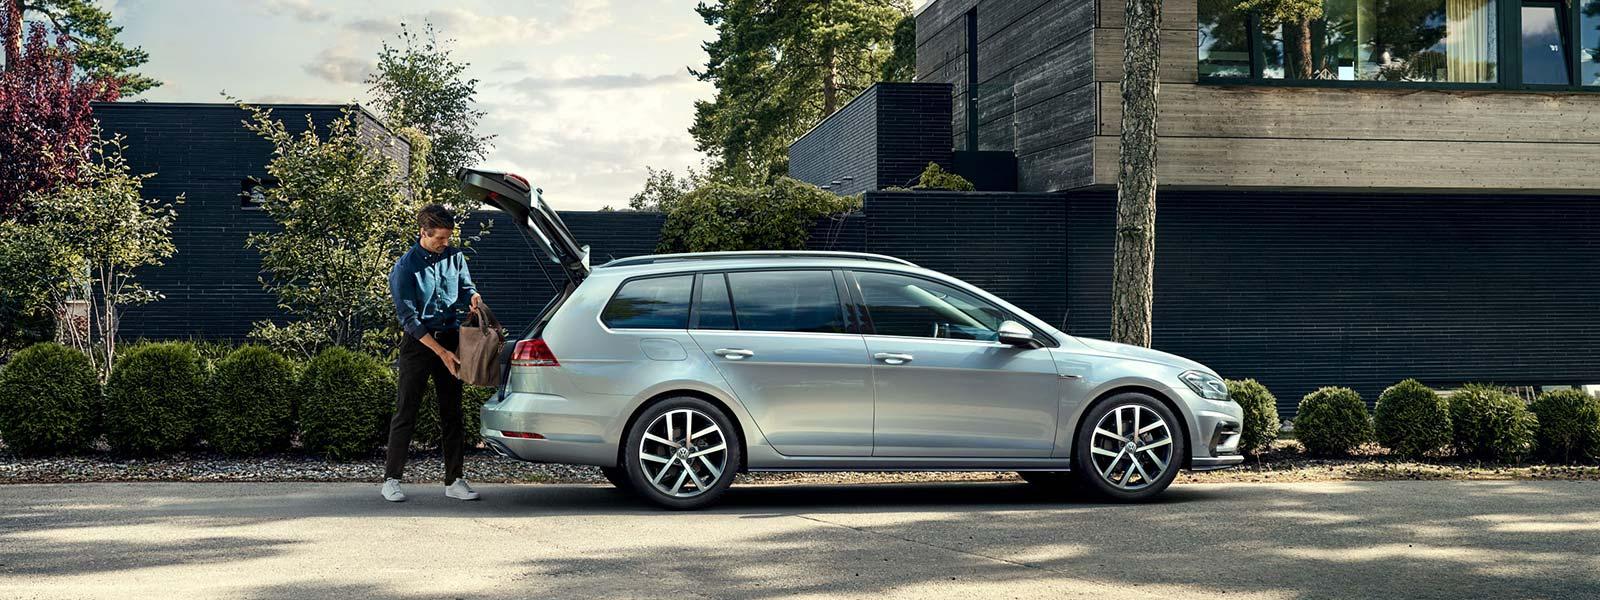 Nouvelle golf sw blet rouen grand quevilly garage for Garage volkswagen grand quevilly